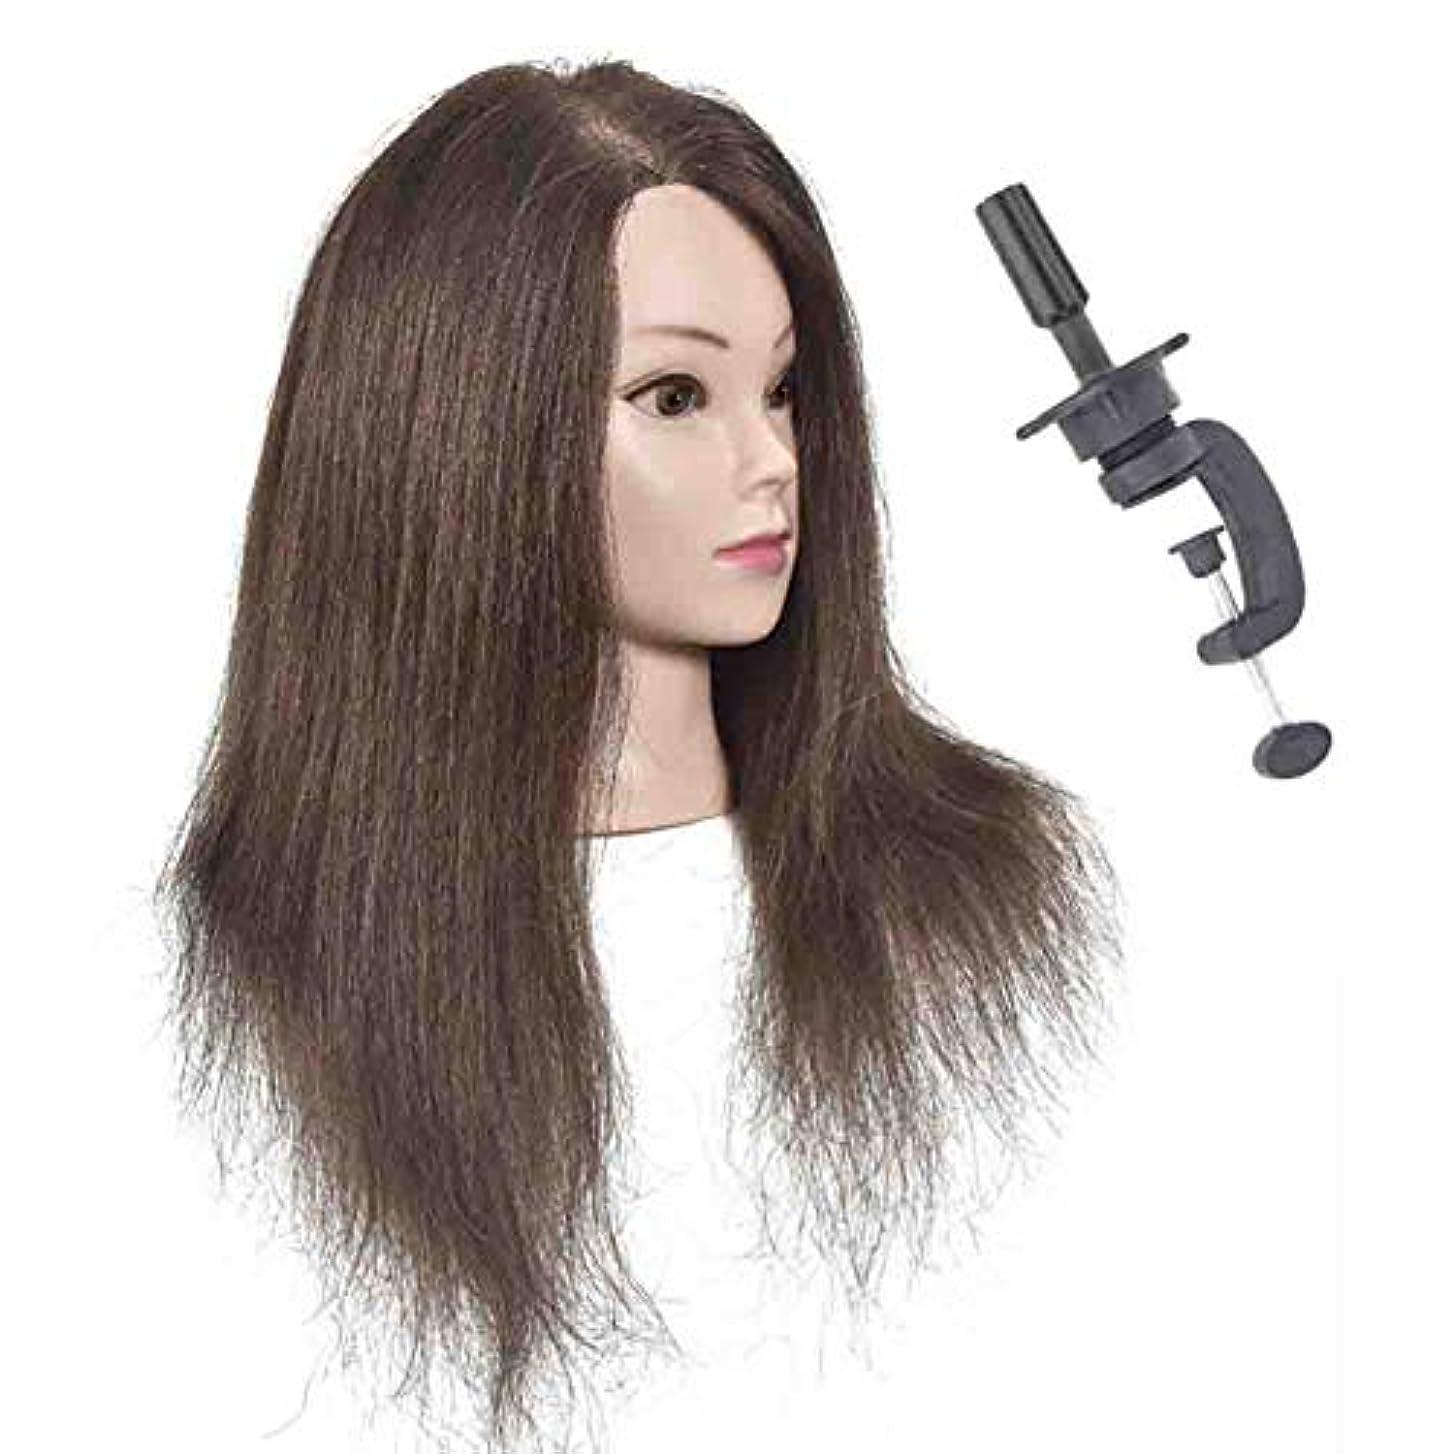 検出器スリット輸血リアルヘアワイヤーヘアティーチングヘッドパーマヘアウィービングヘアモデルヘアダイイング理髪ダミーヘッドモデル